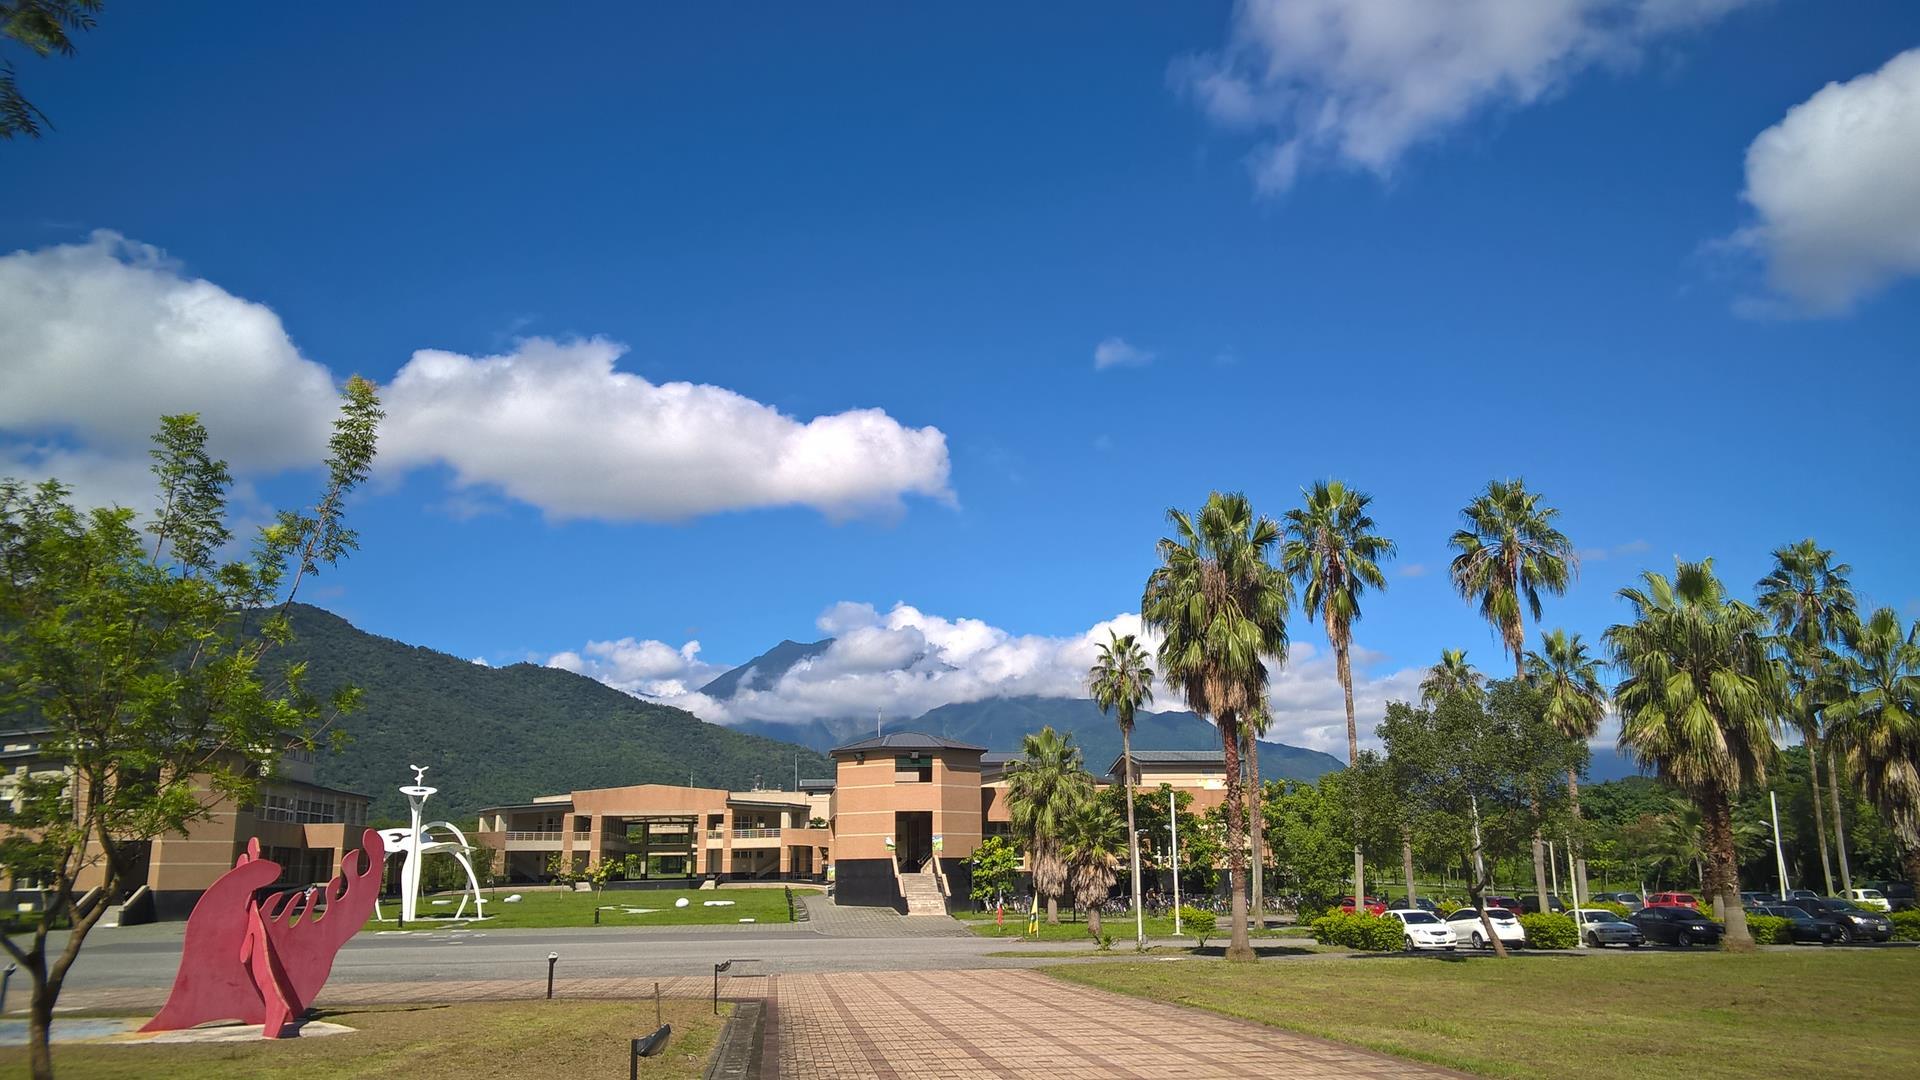 ... bietet einen schönen Blick auf die Berge